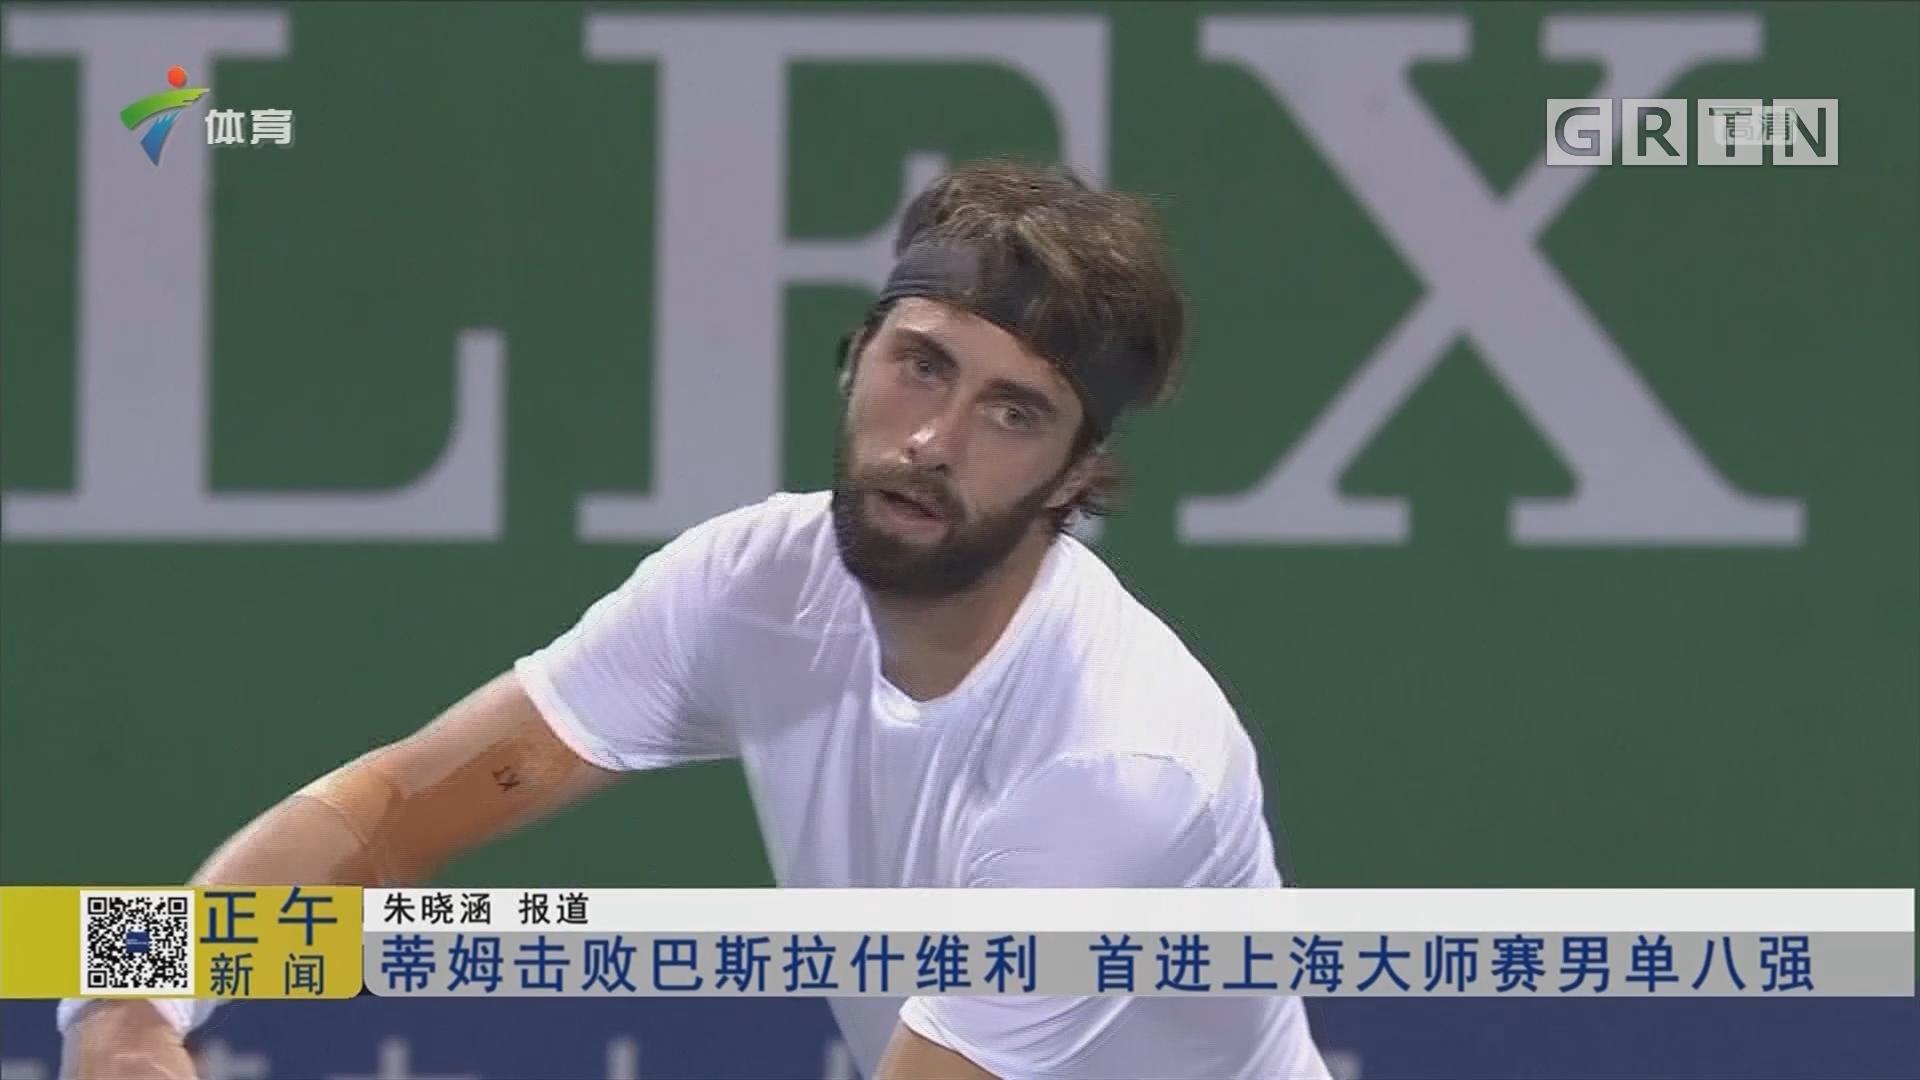 蒂姆击败巴斯拉什维利 首进上海大师赛男单八强